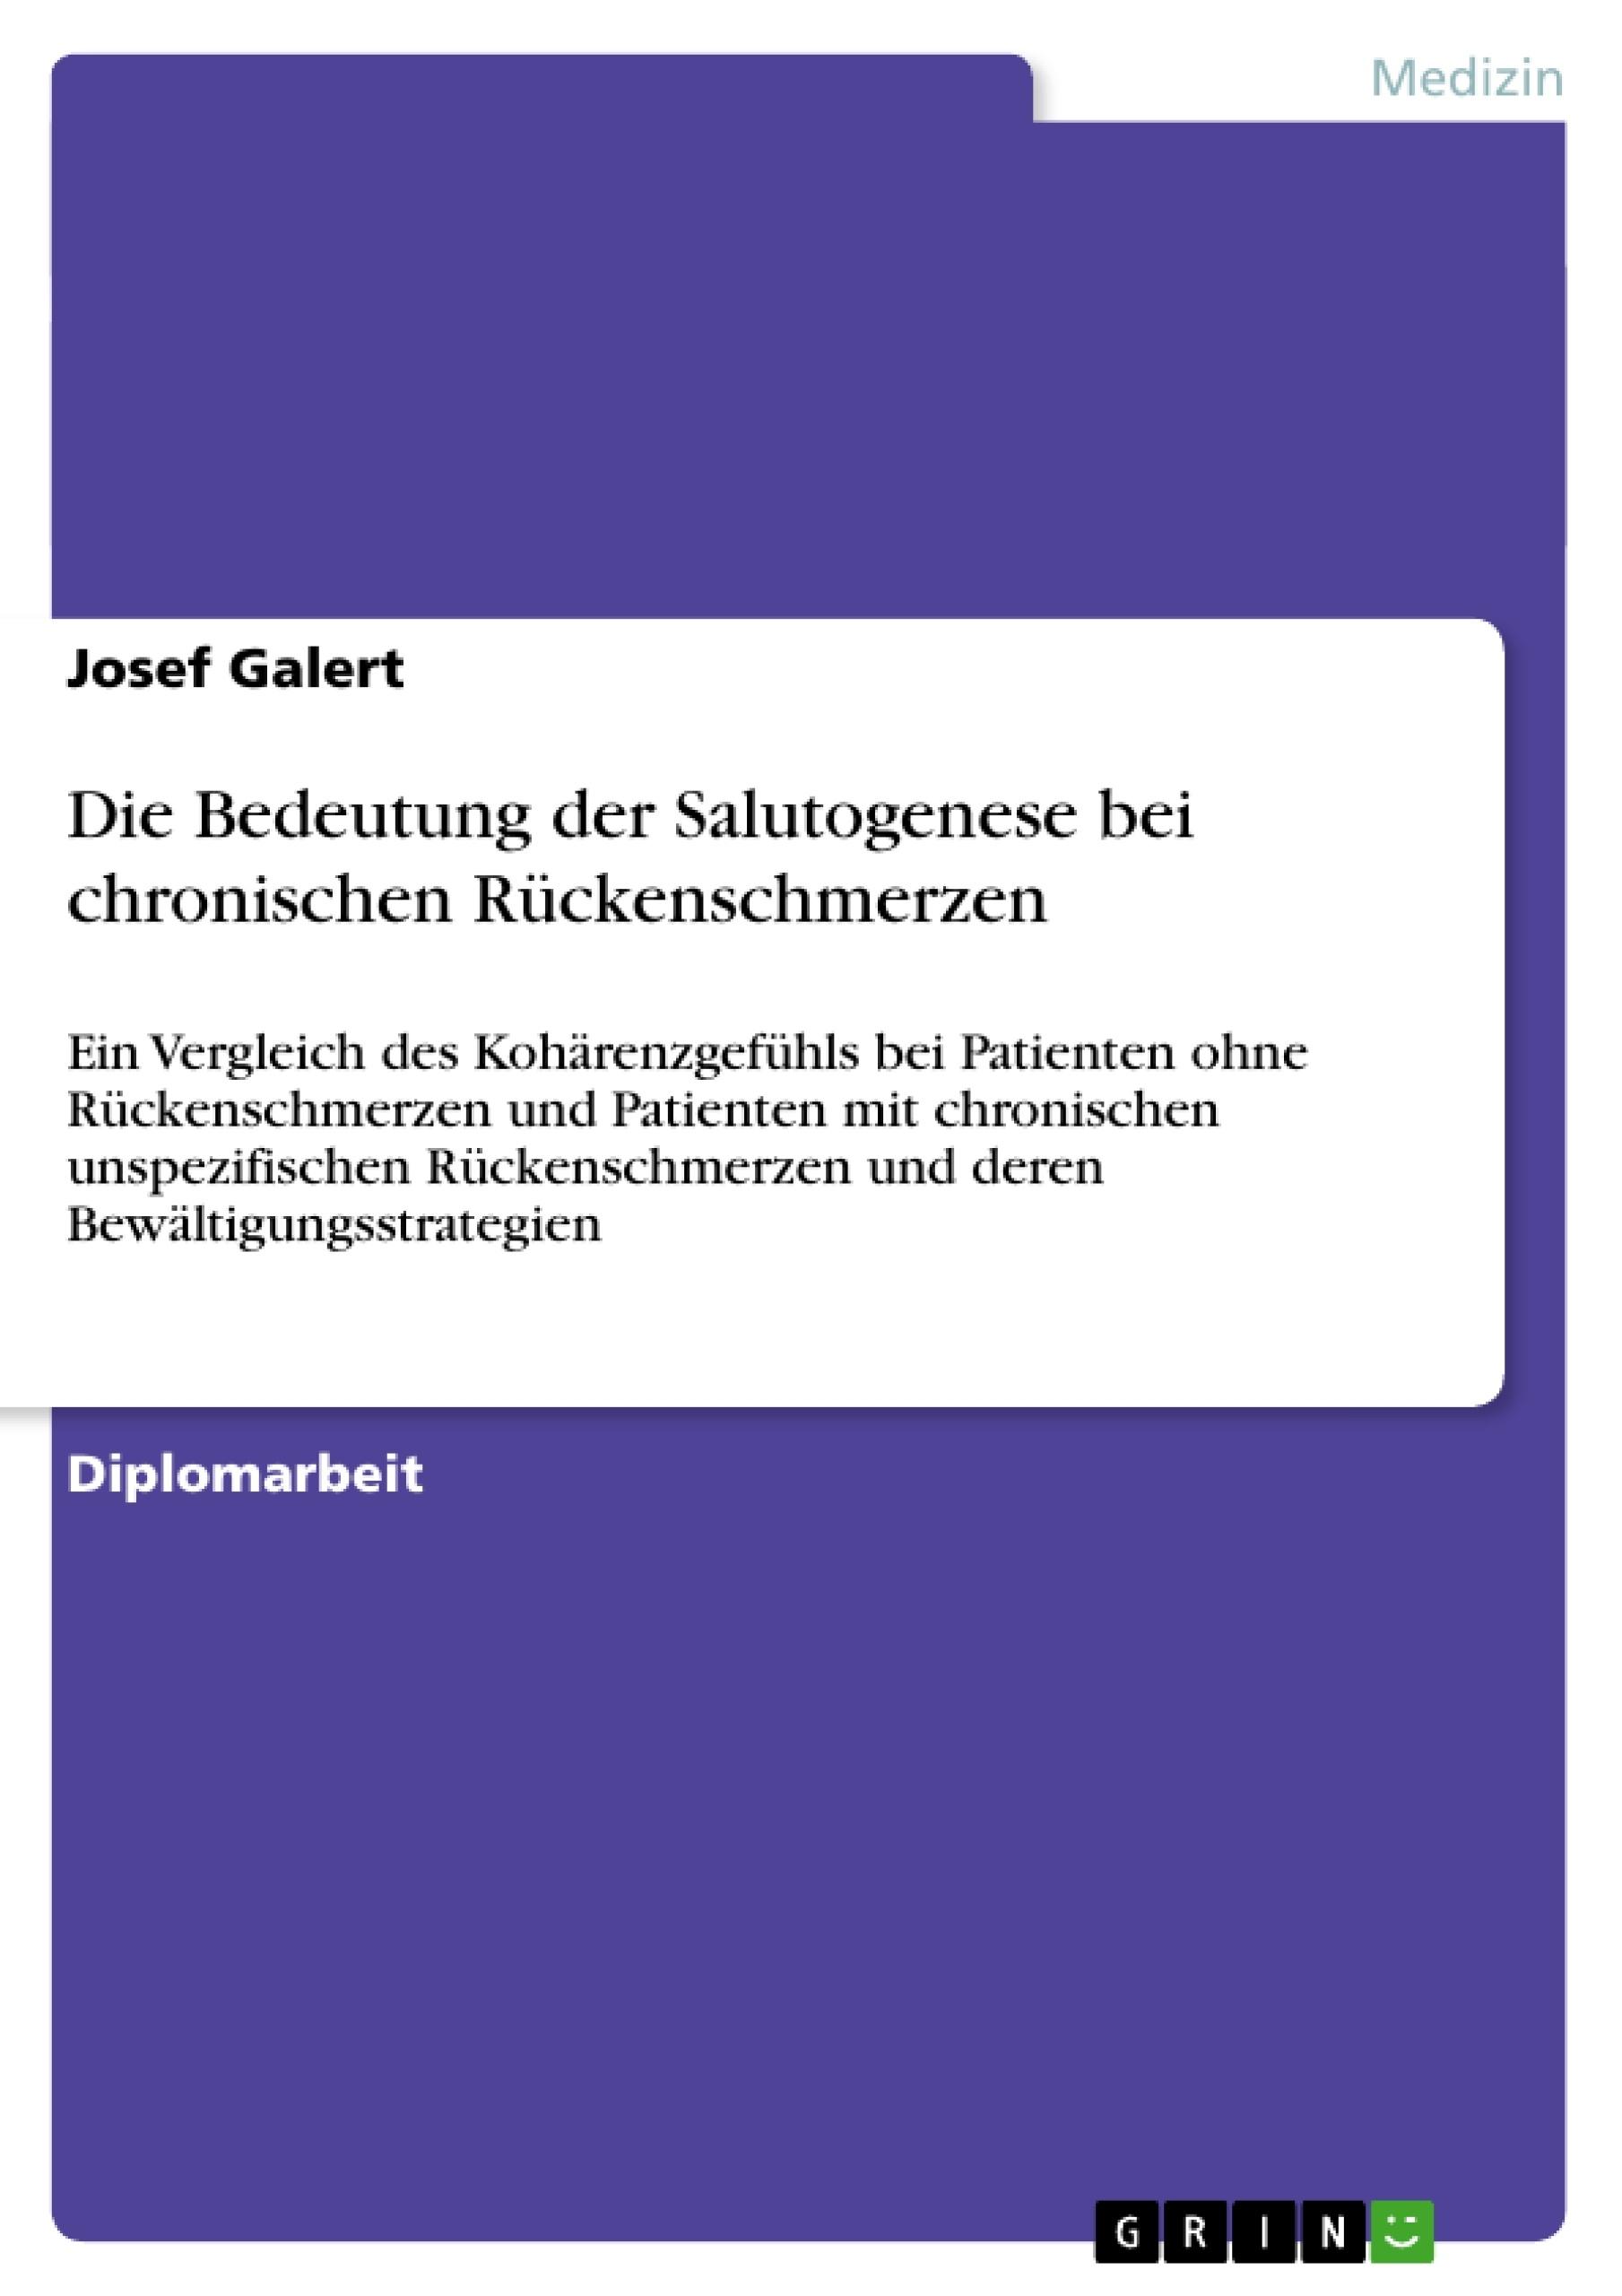 Titel: Die Bedeutung der Salutogenese bei chronischen Rückenschmerzen